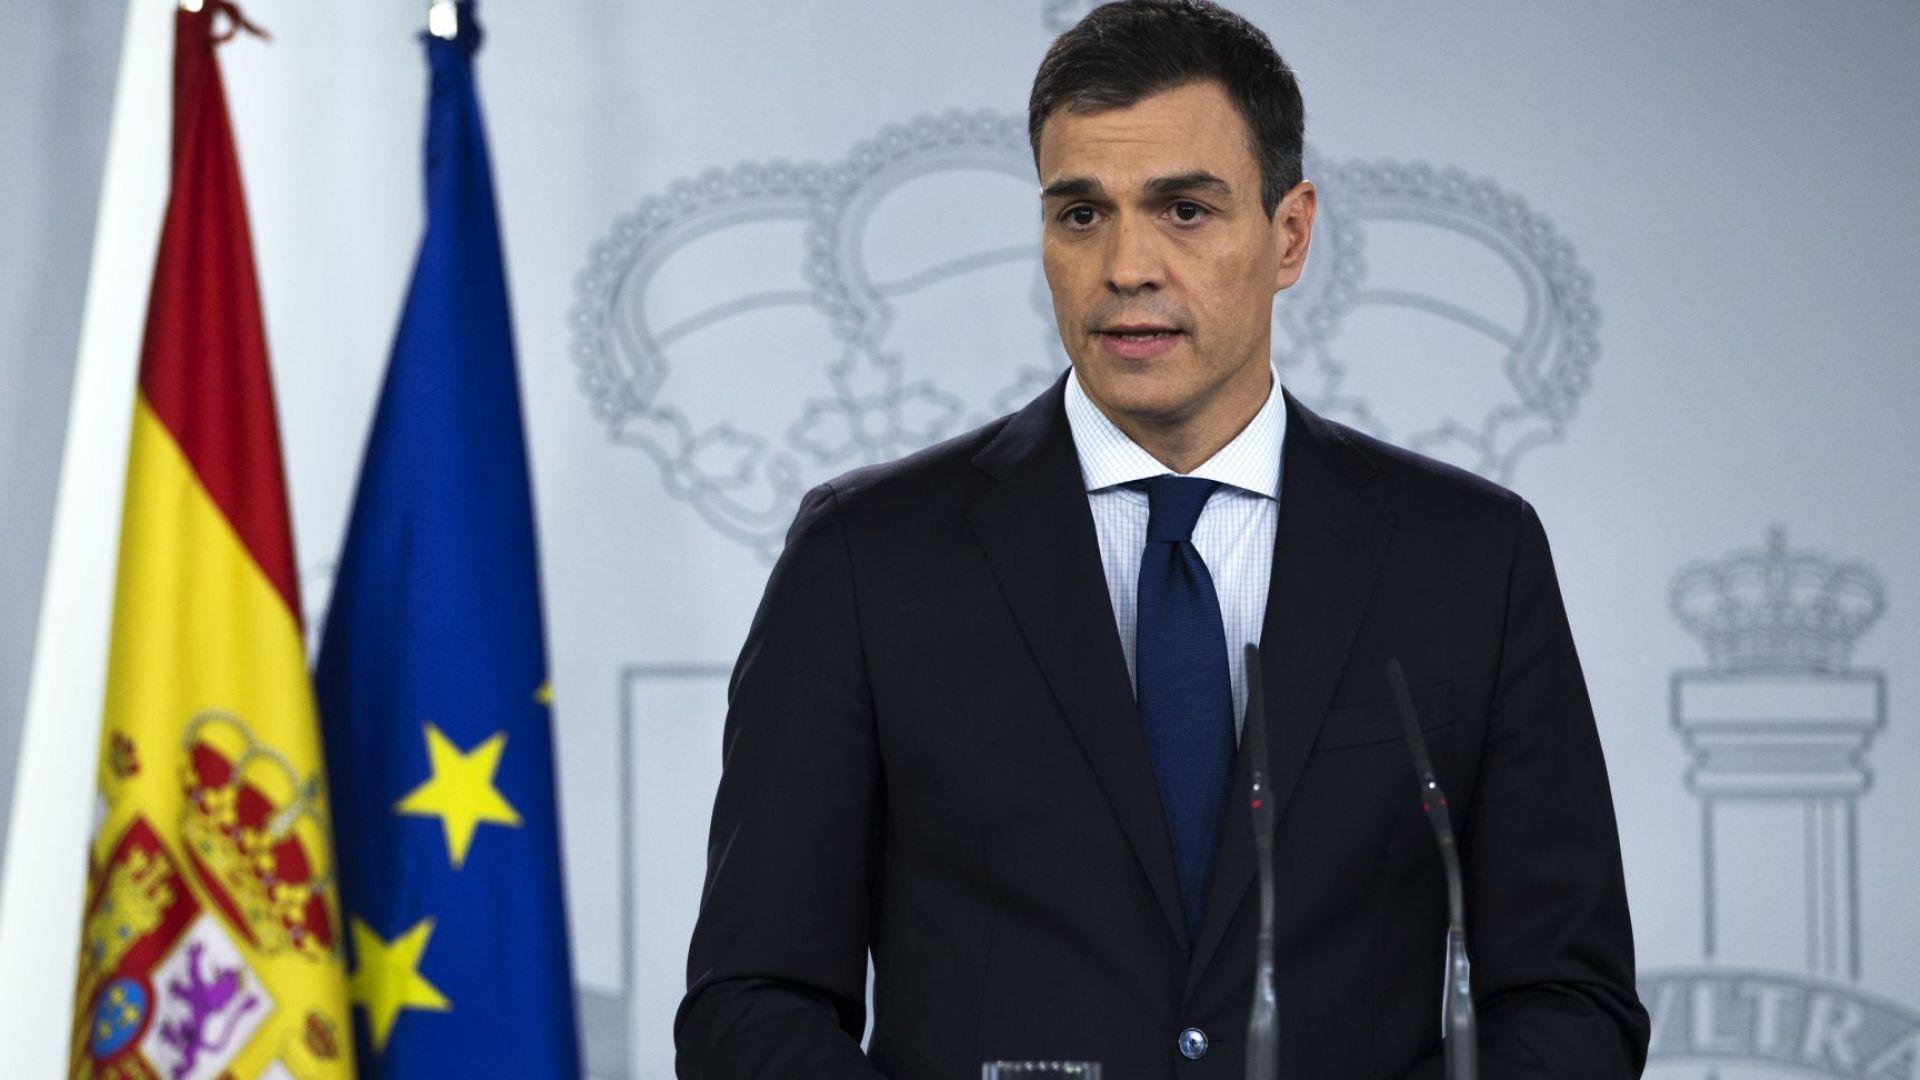 Жените ще са мнозинство в новото испанско правителство